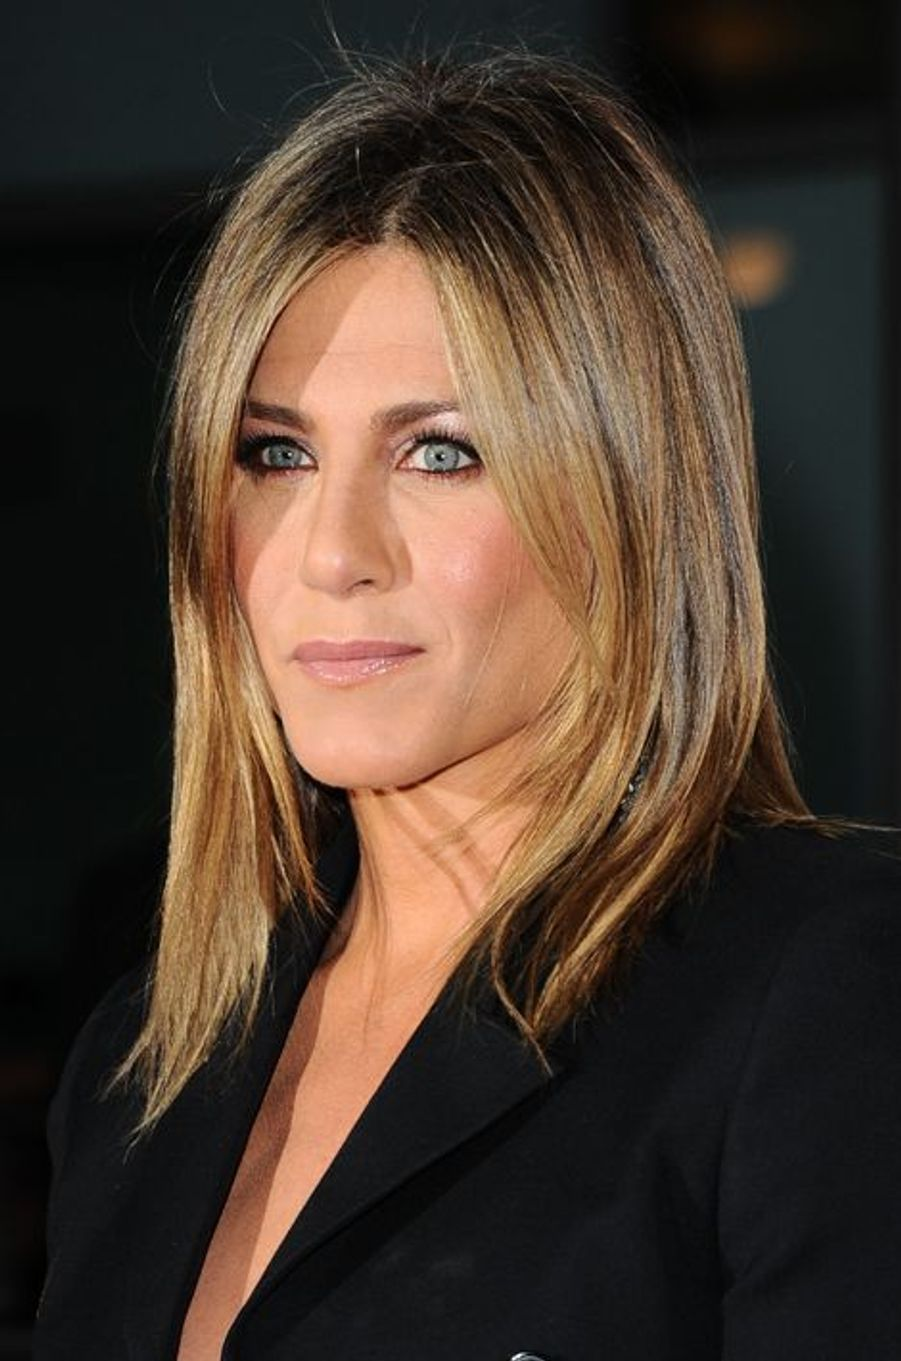 Jennifer Aniston à Los Angeles le 27 août 2014 pour présenter son film Life of Crime.